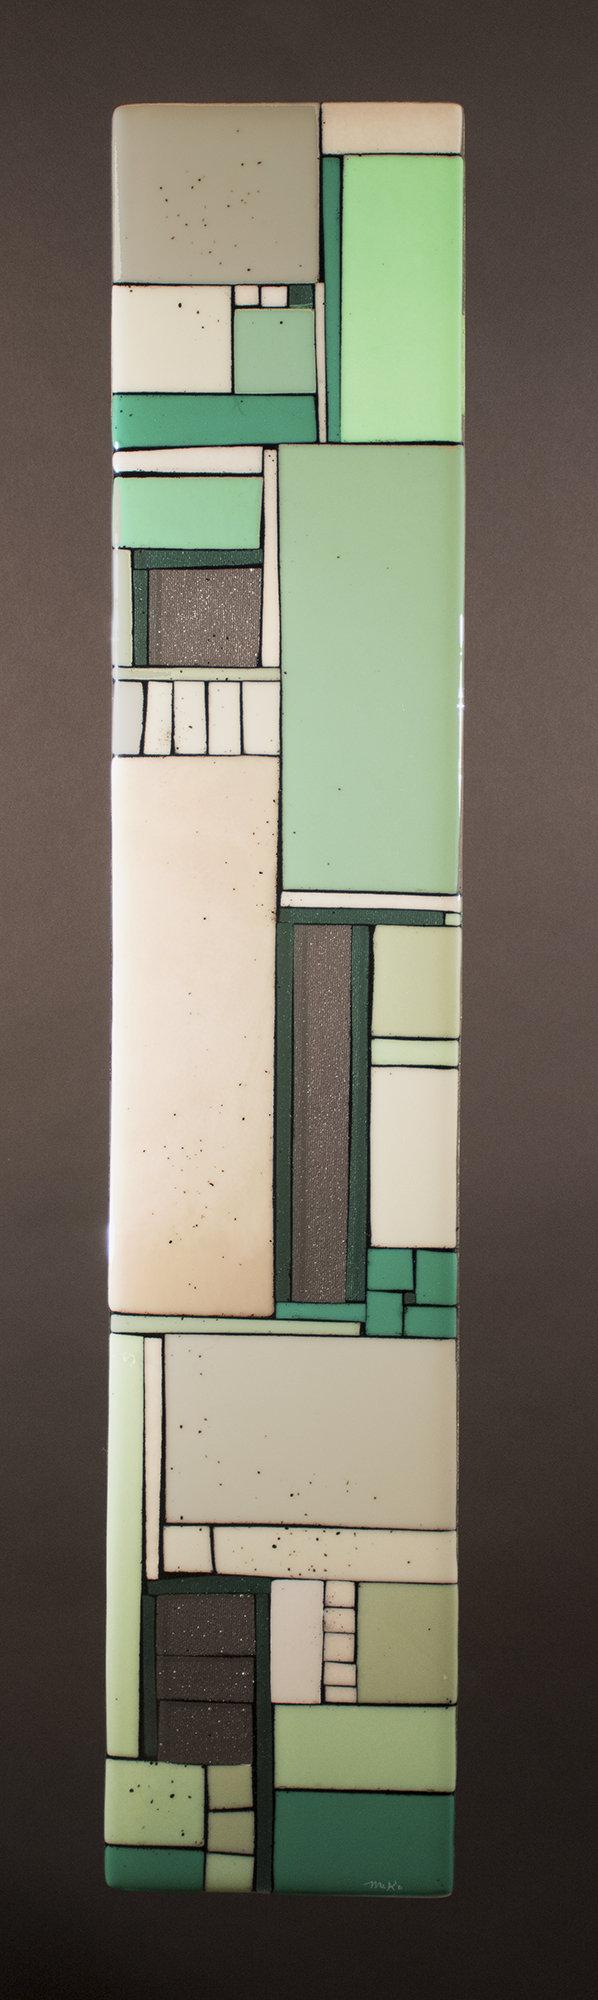 Lofts Green By Vicky Kokolski And Meg Branzetti Art Glass